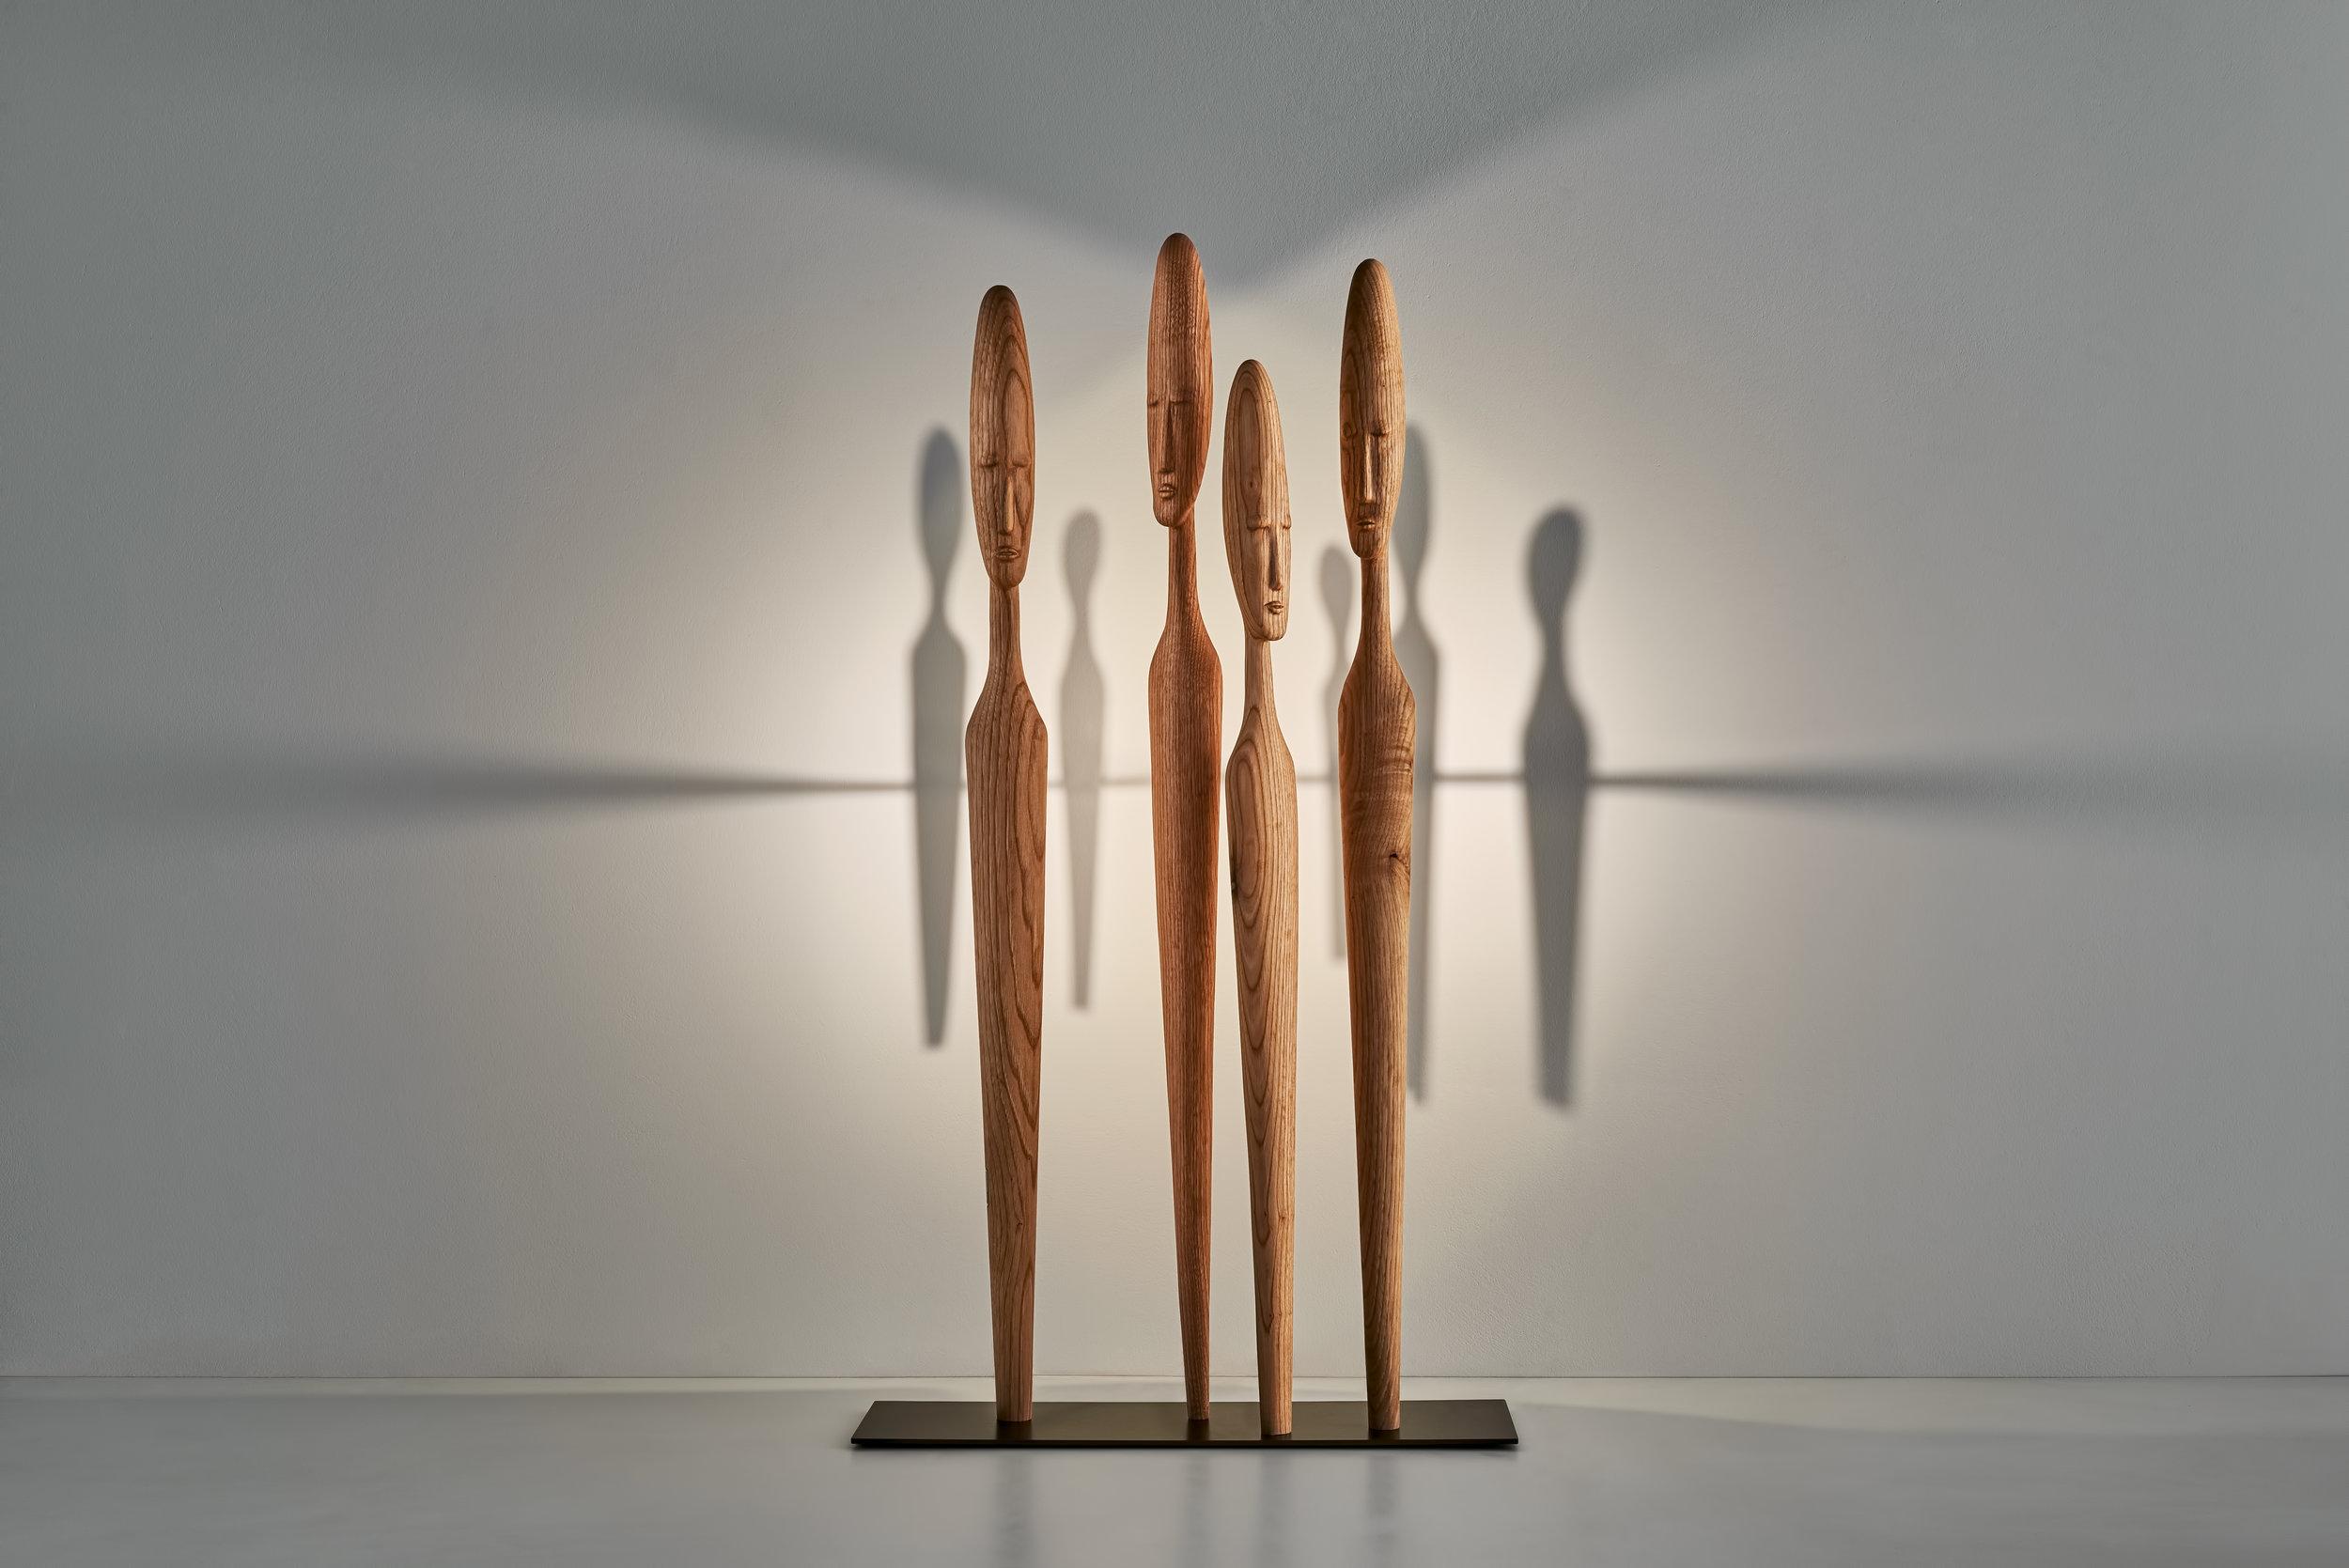 Leria  table lamp ⓒ Arturo Álvarez 2019 Design: Arturo Álvarez